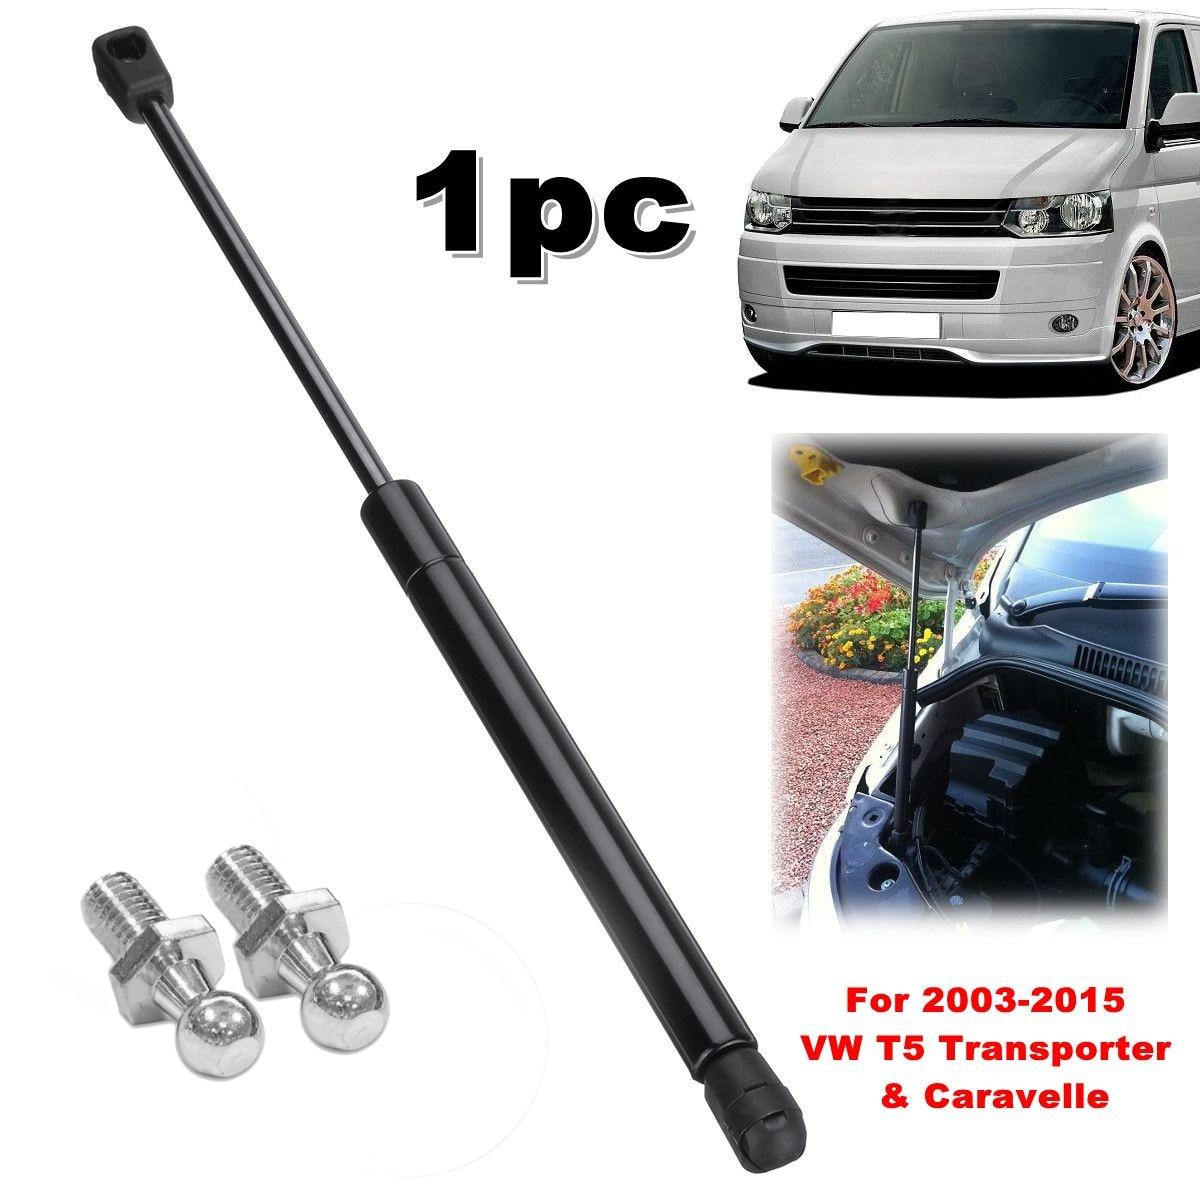 1Pc Anteriore Cofano Hood Supporto Gas Strut 7E0823359 Per Volkswagen VW T5 Transporter Caravelle 2003 2004 2005 2006 2007 -2015